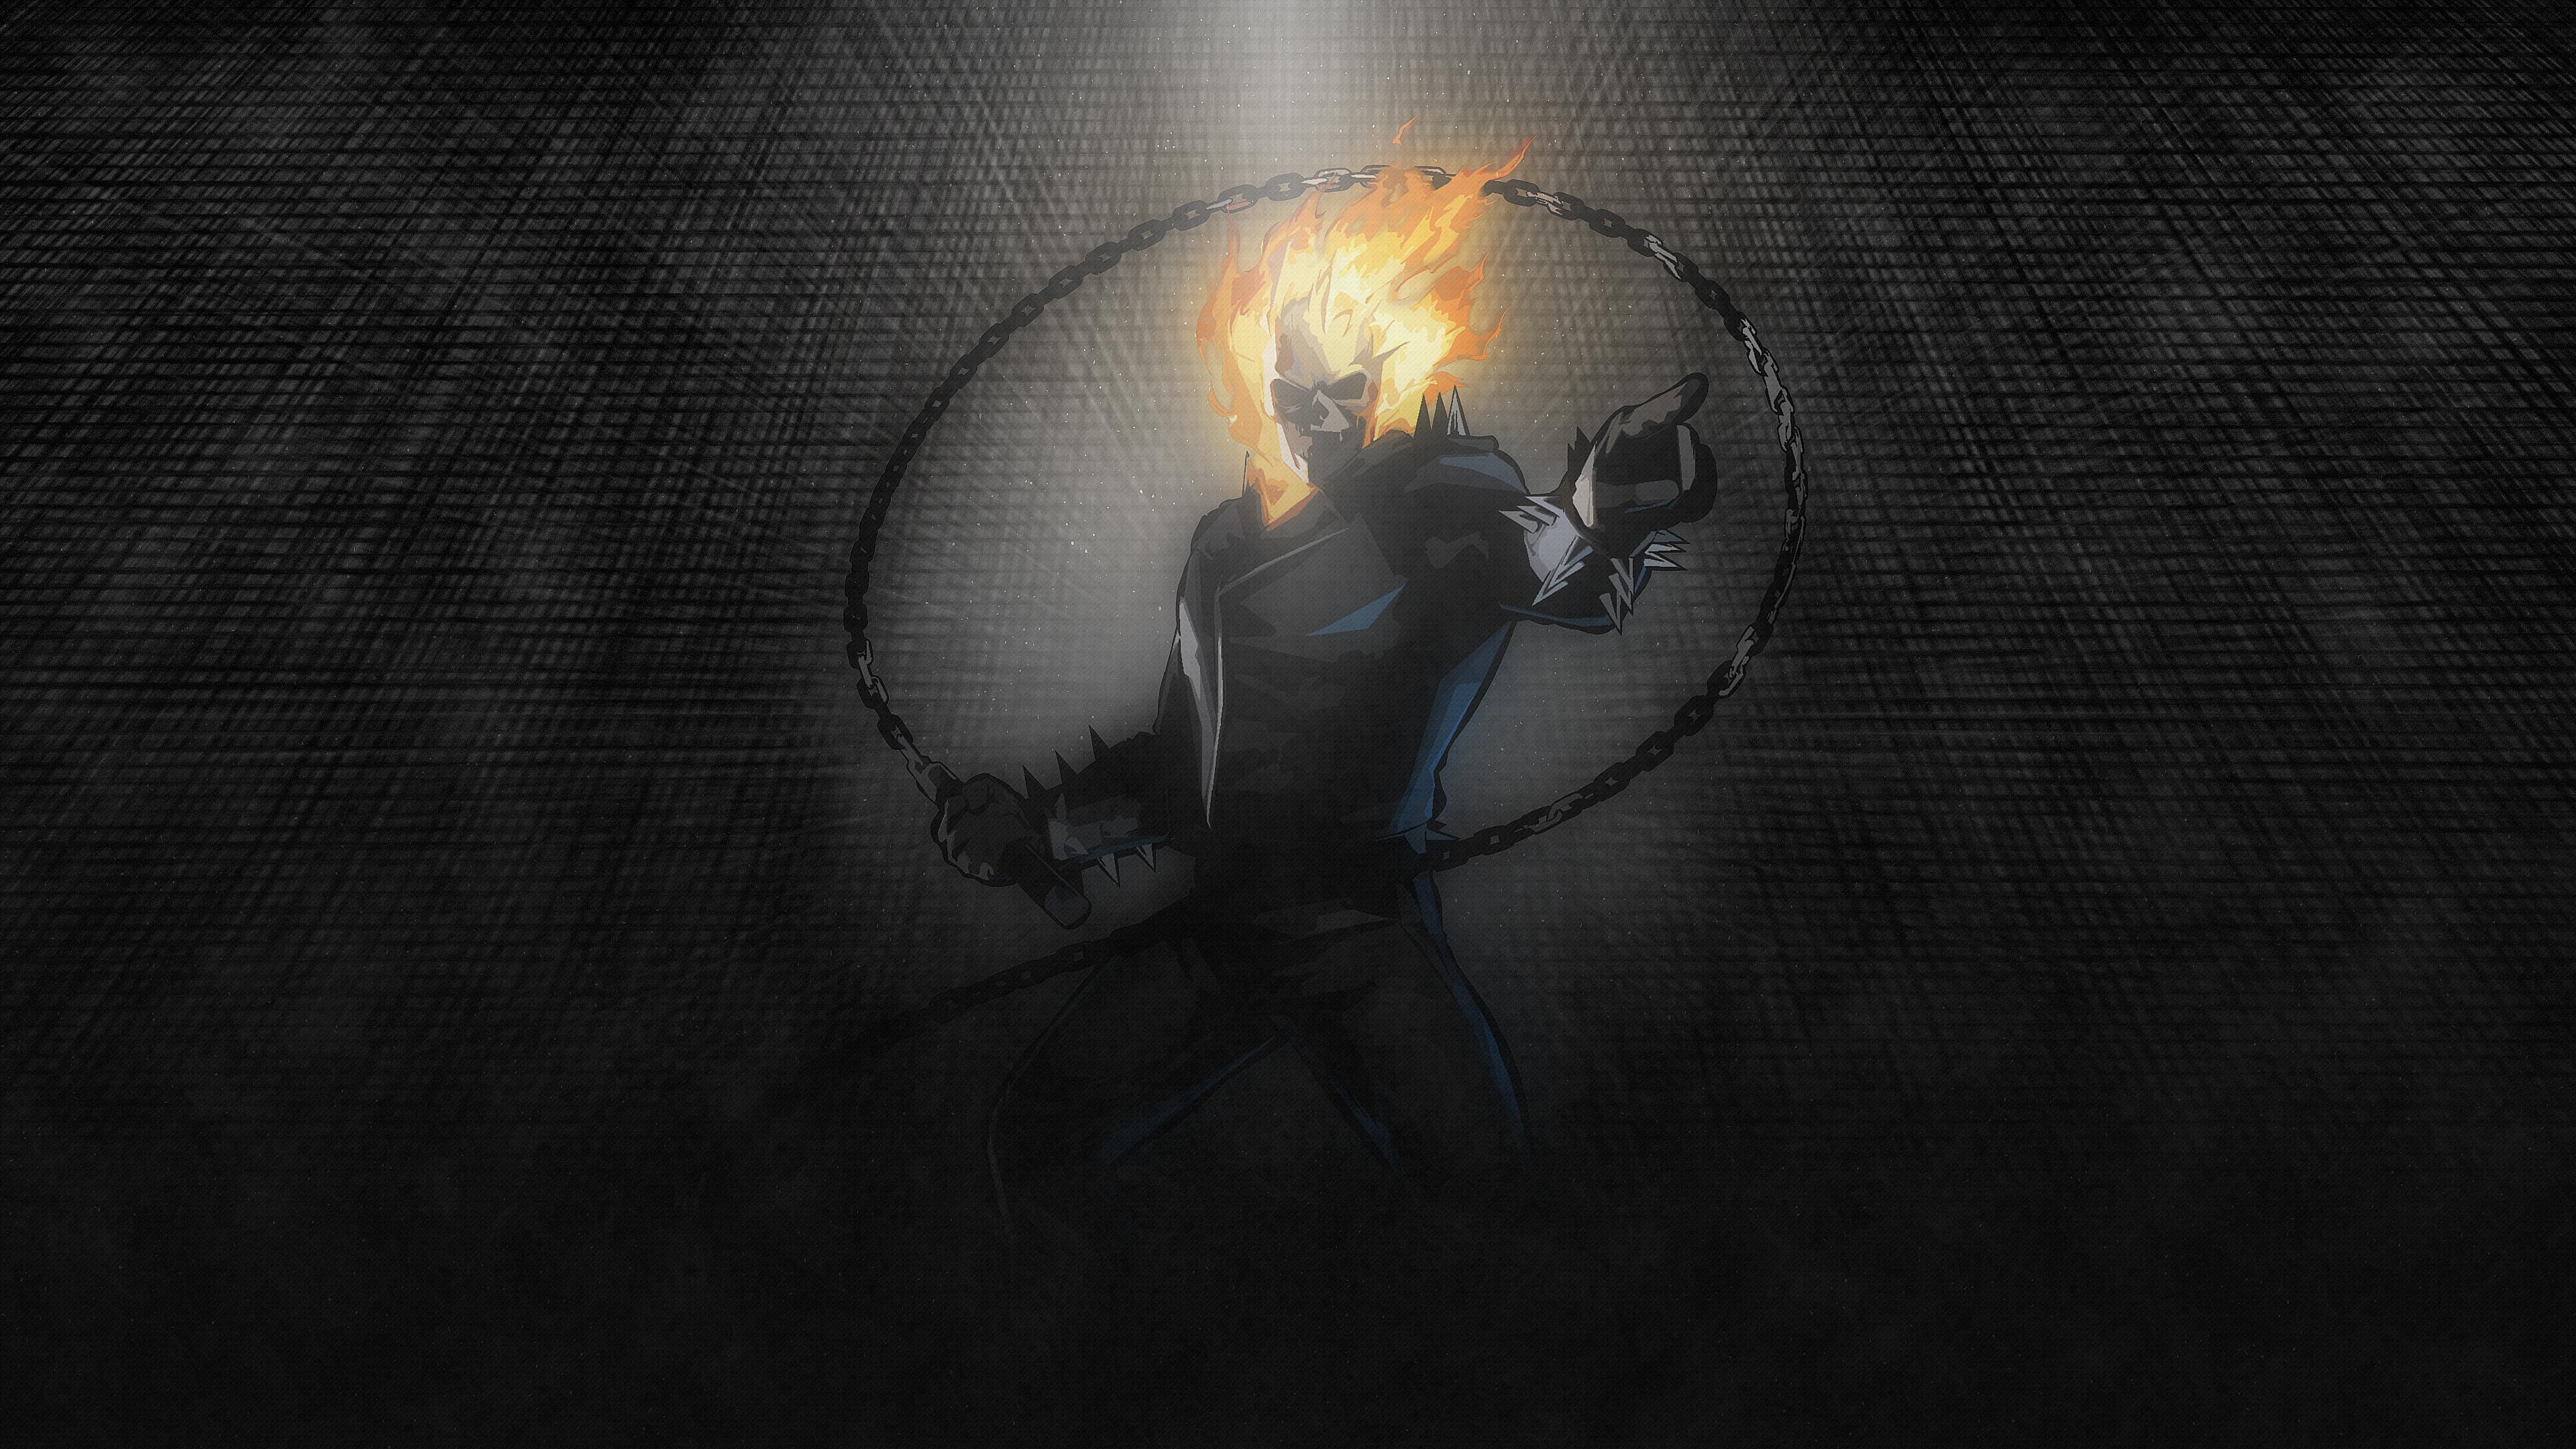 ghost rider artwork 4k 1536521957 - Ghost Rider Artwork 4k - superheroes wallpapers, hd-wallpapers, ghost rider wallpapers, digital art wallpapers, artwork wallpapers, 4k-wallpapers